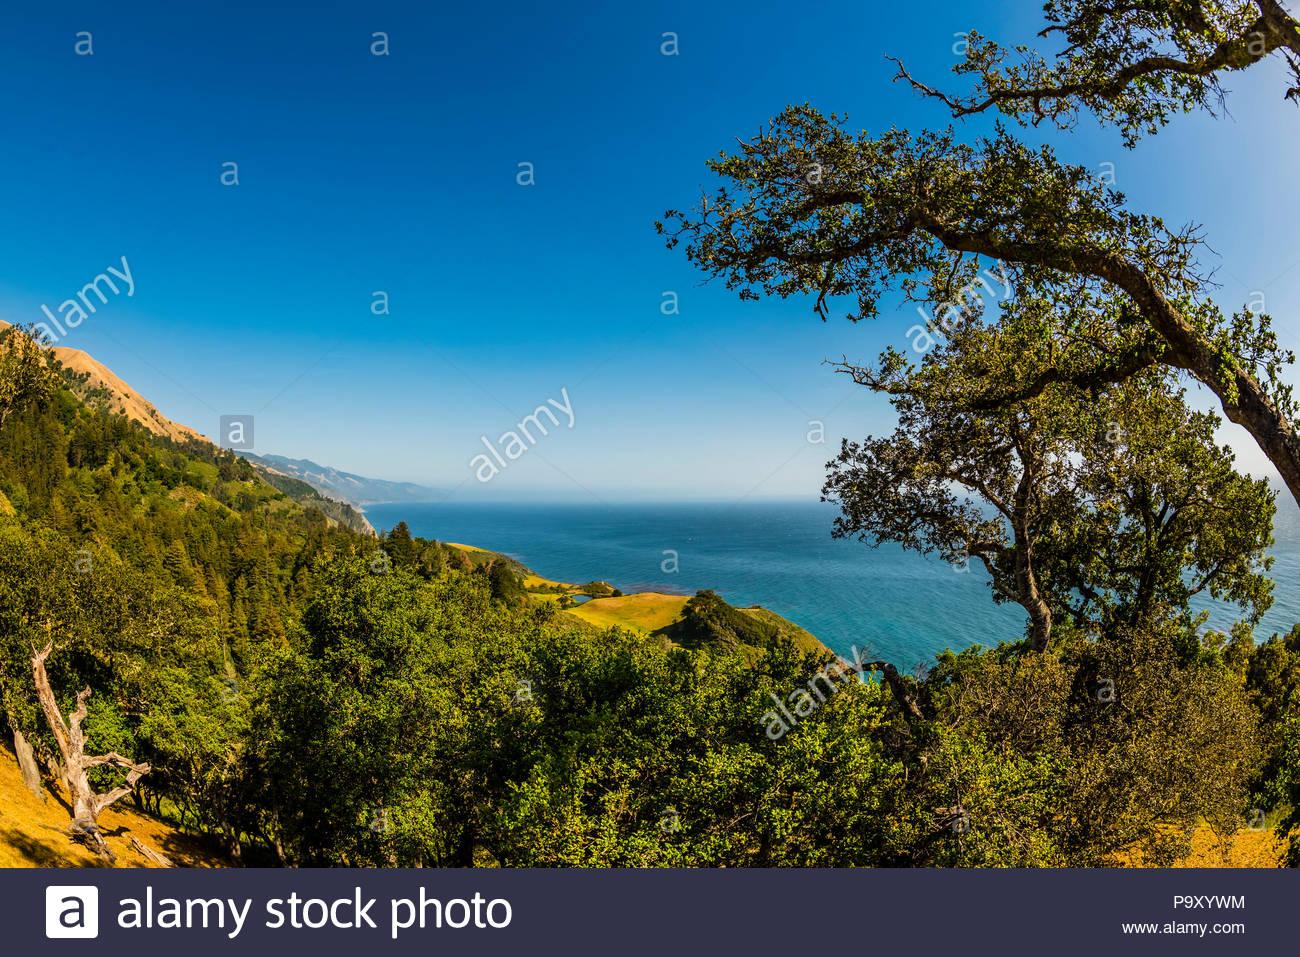 Vista de la costa de Big Sur, el Condado de Monterey, California, USA. Imagen De Stock